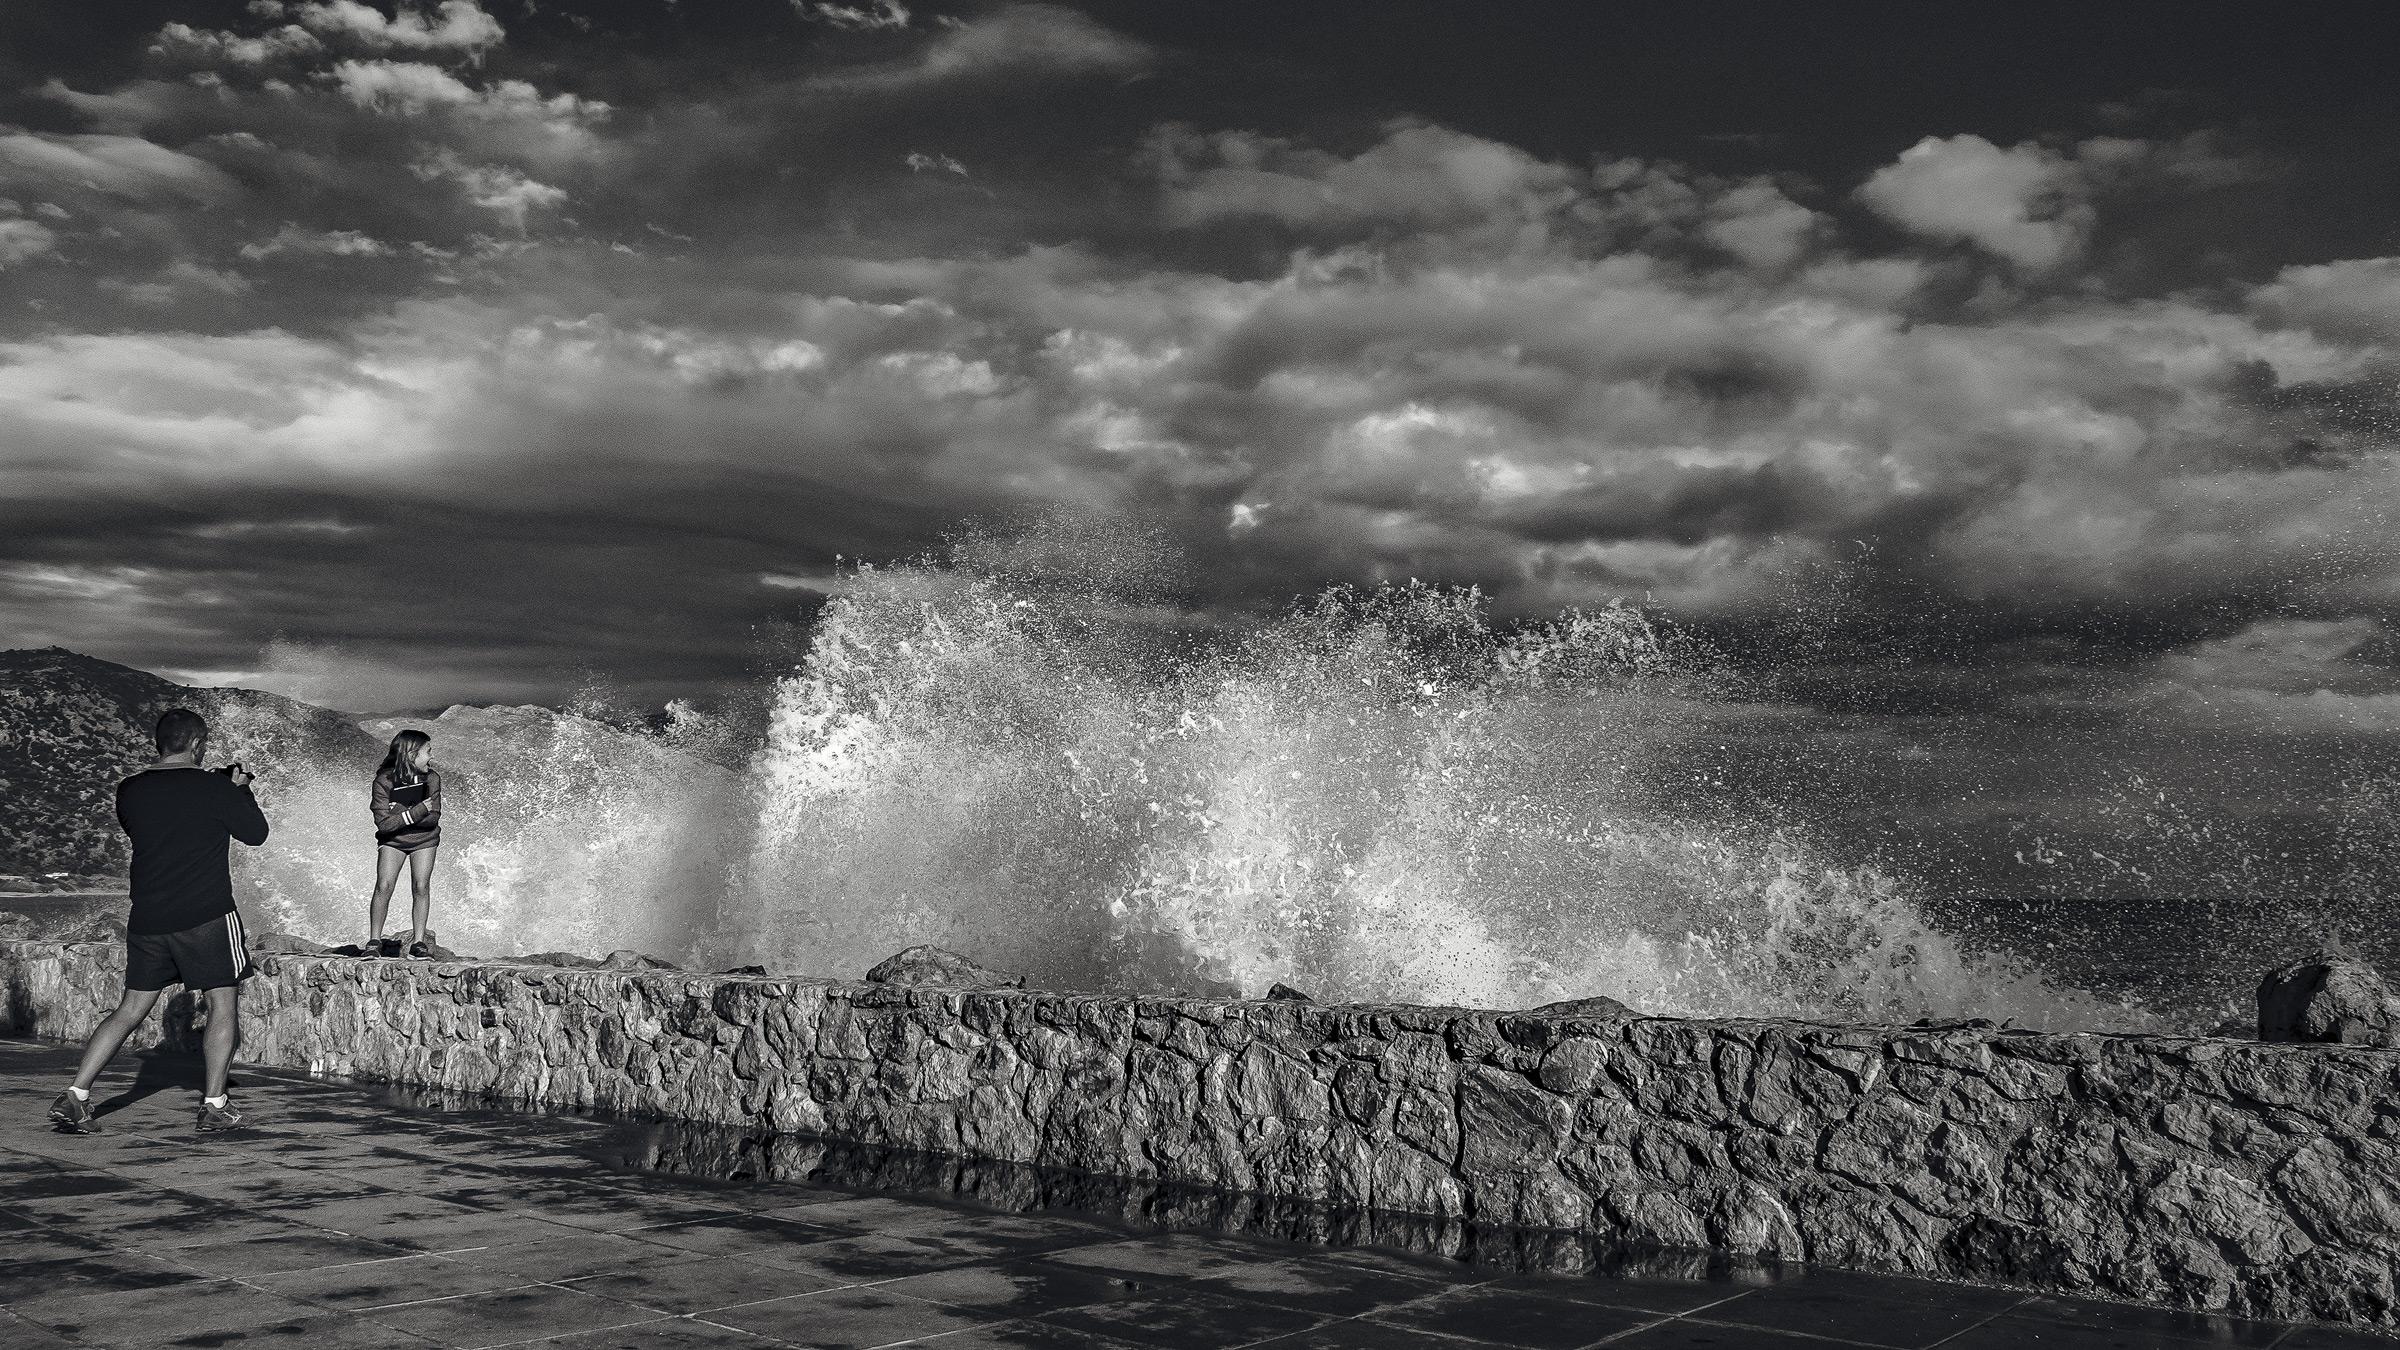 Splash_02